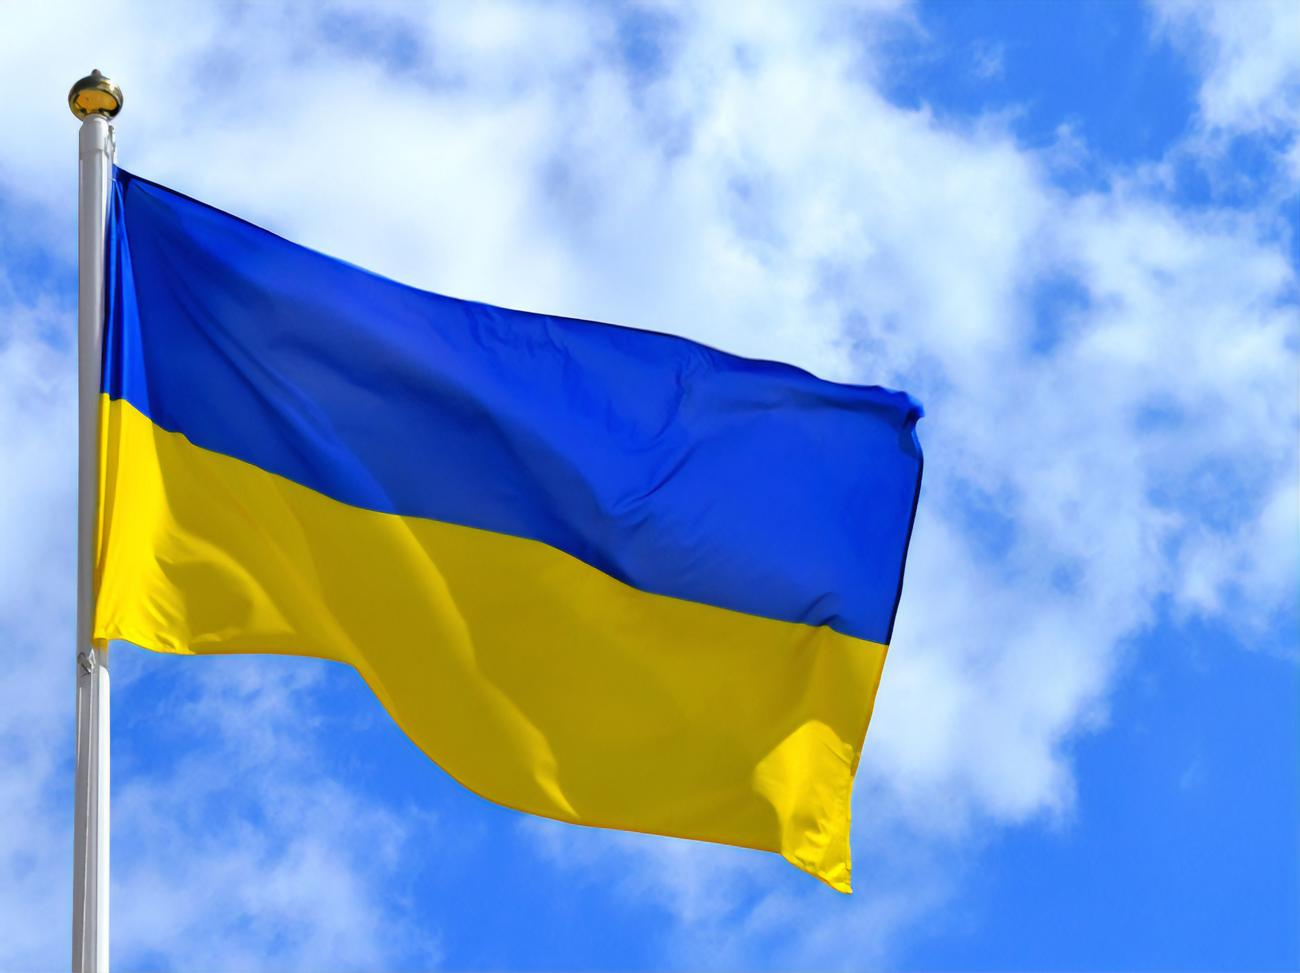 Украина выходит из международных договоров в энергетической сфере, заключенных в рамках СНГ